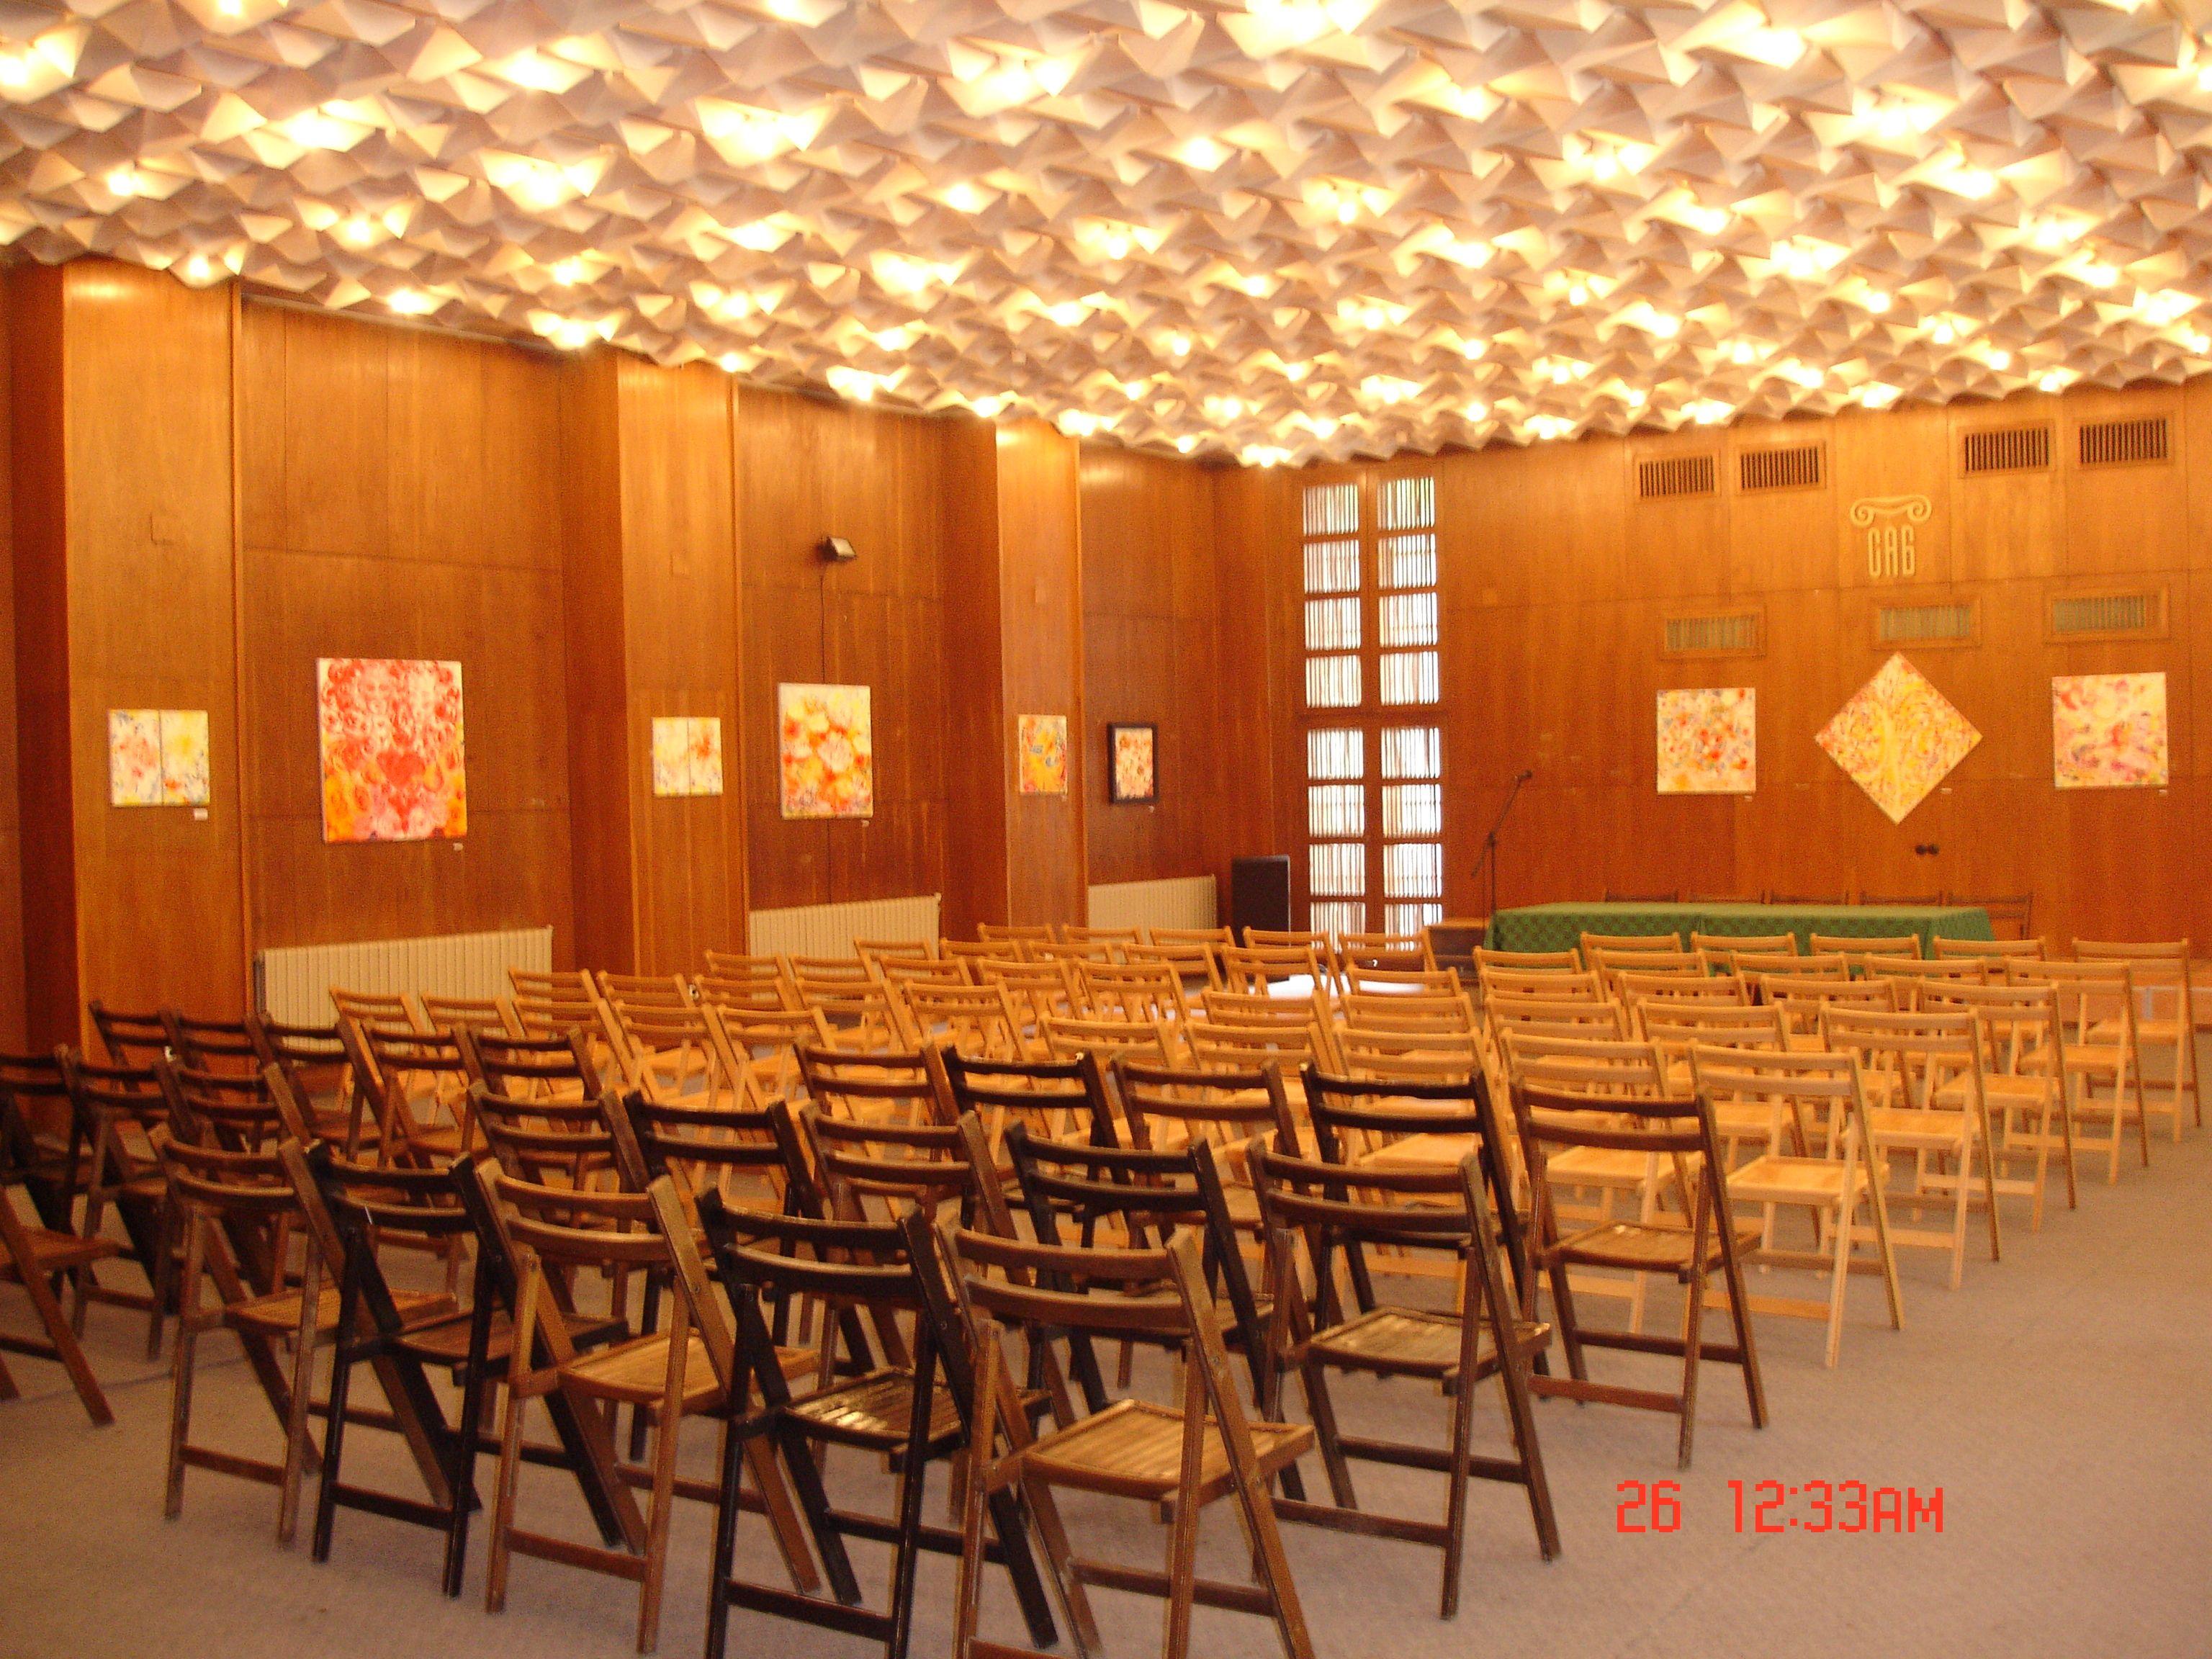 Jasmina Vladimirova, Exposition de Peintures à l'Huile sur toile, Ordre International des Architectes, Sofia, 2009